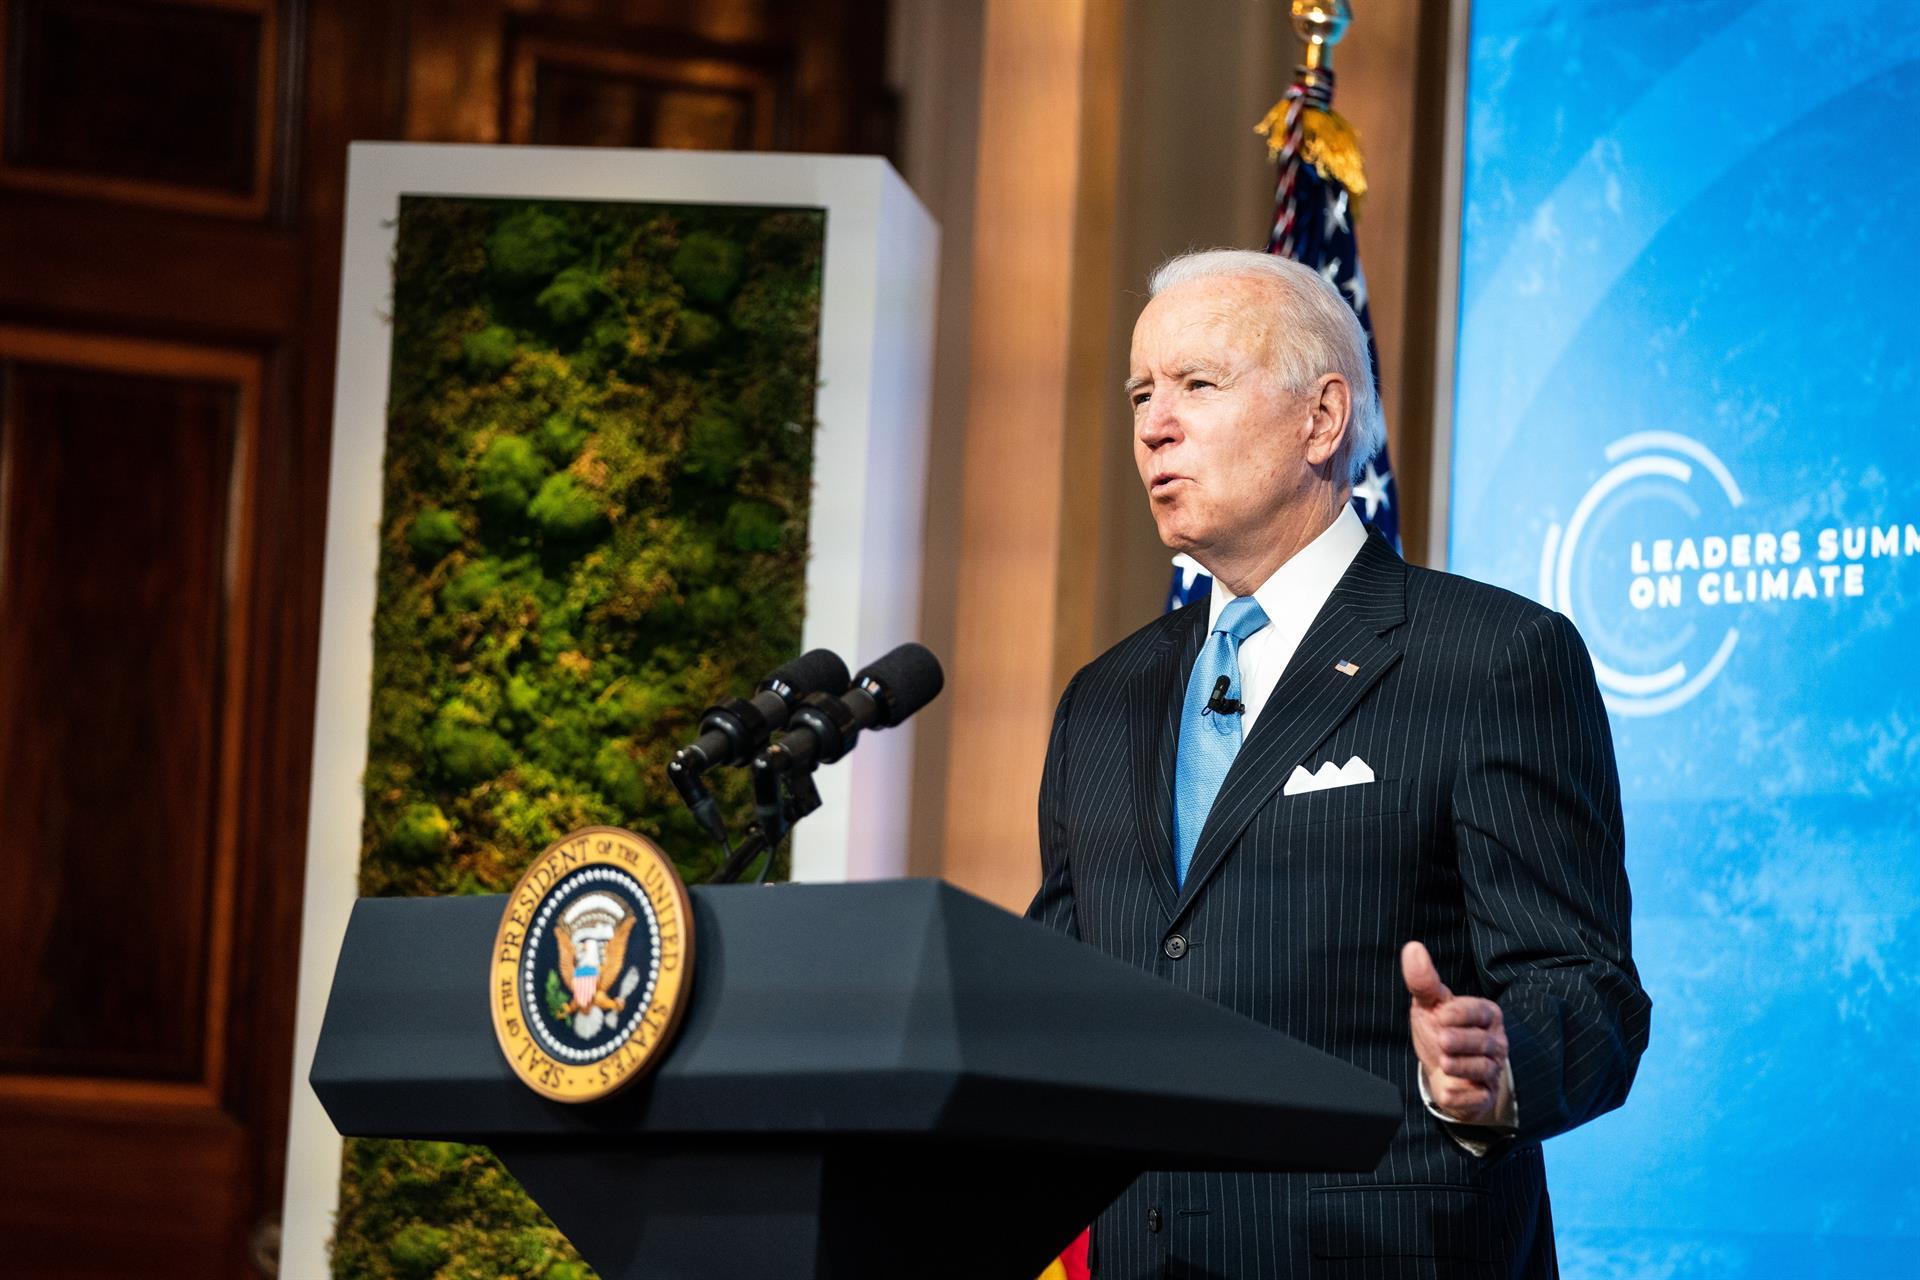 Joe Biden encerra Cúpula de Líderes sobre o Clima com discurso